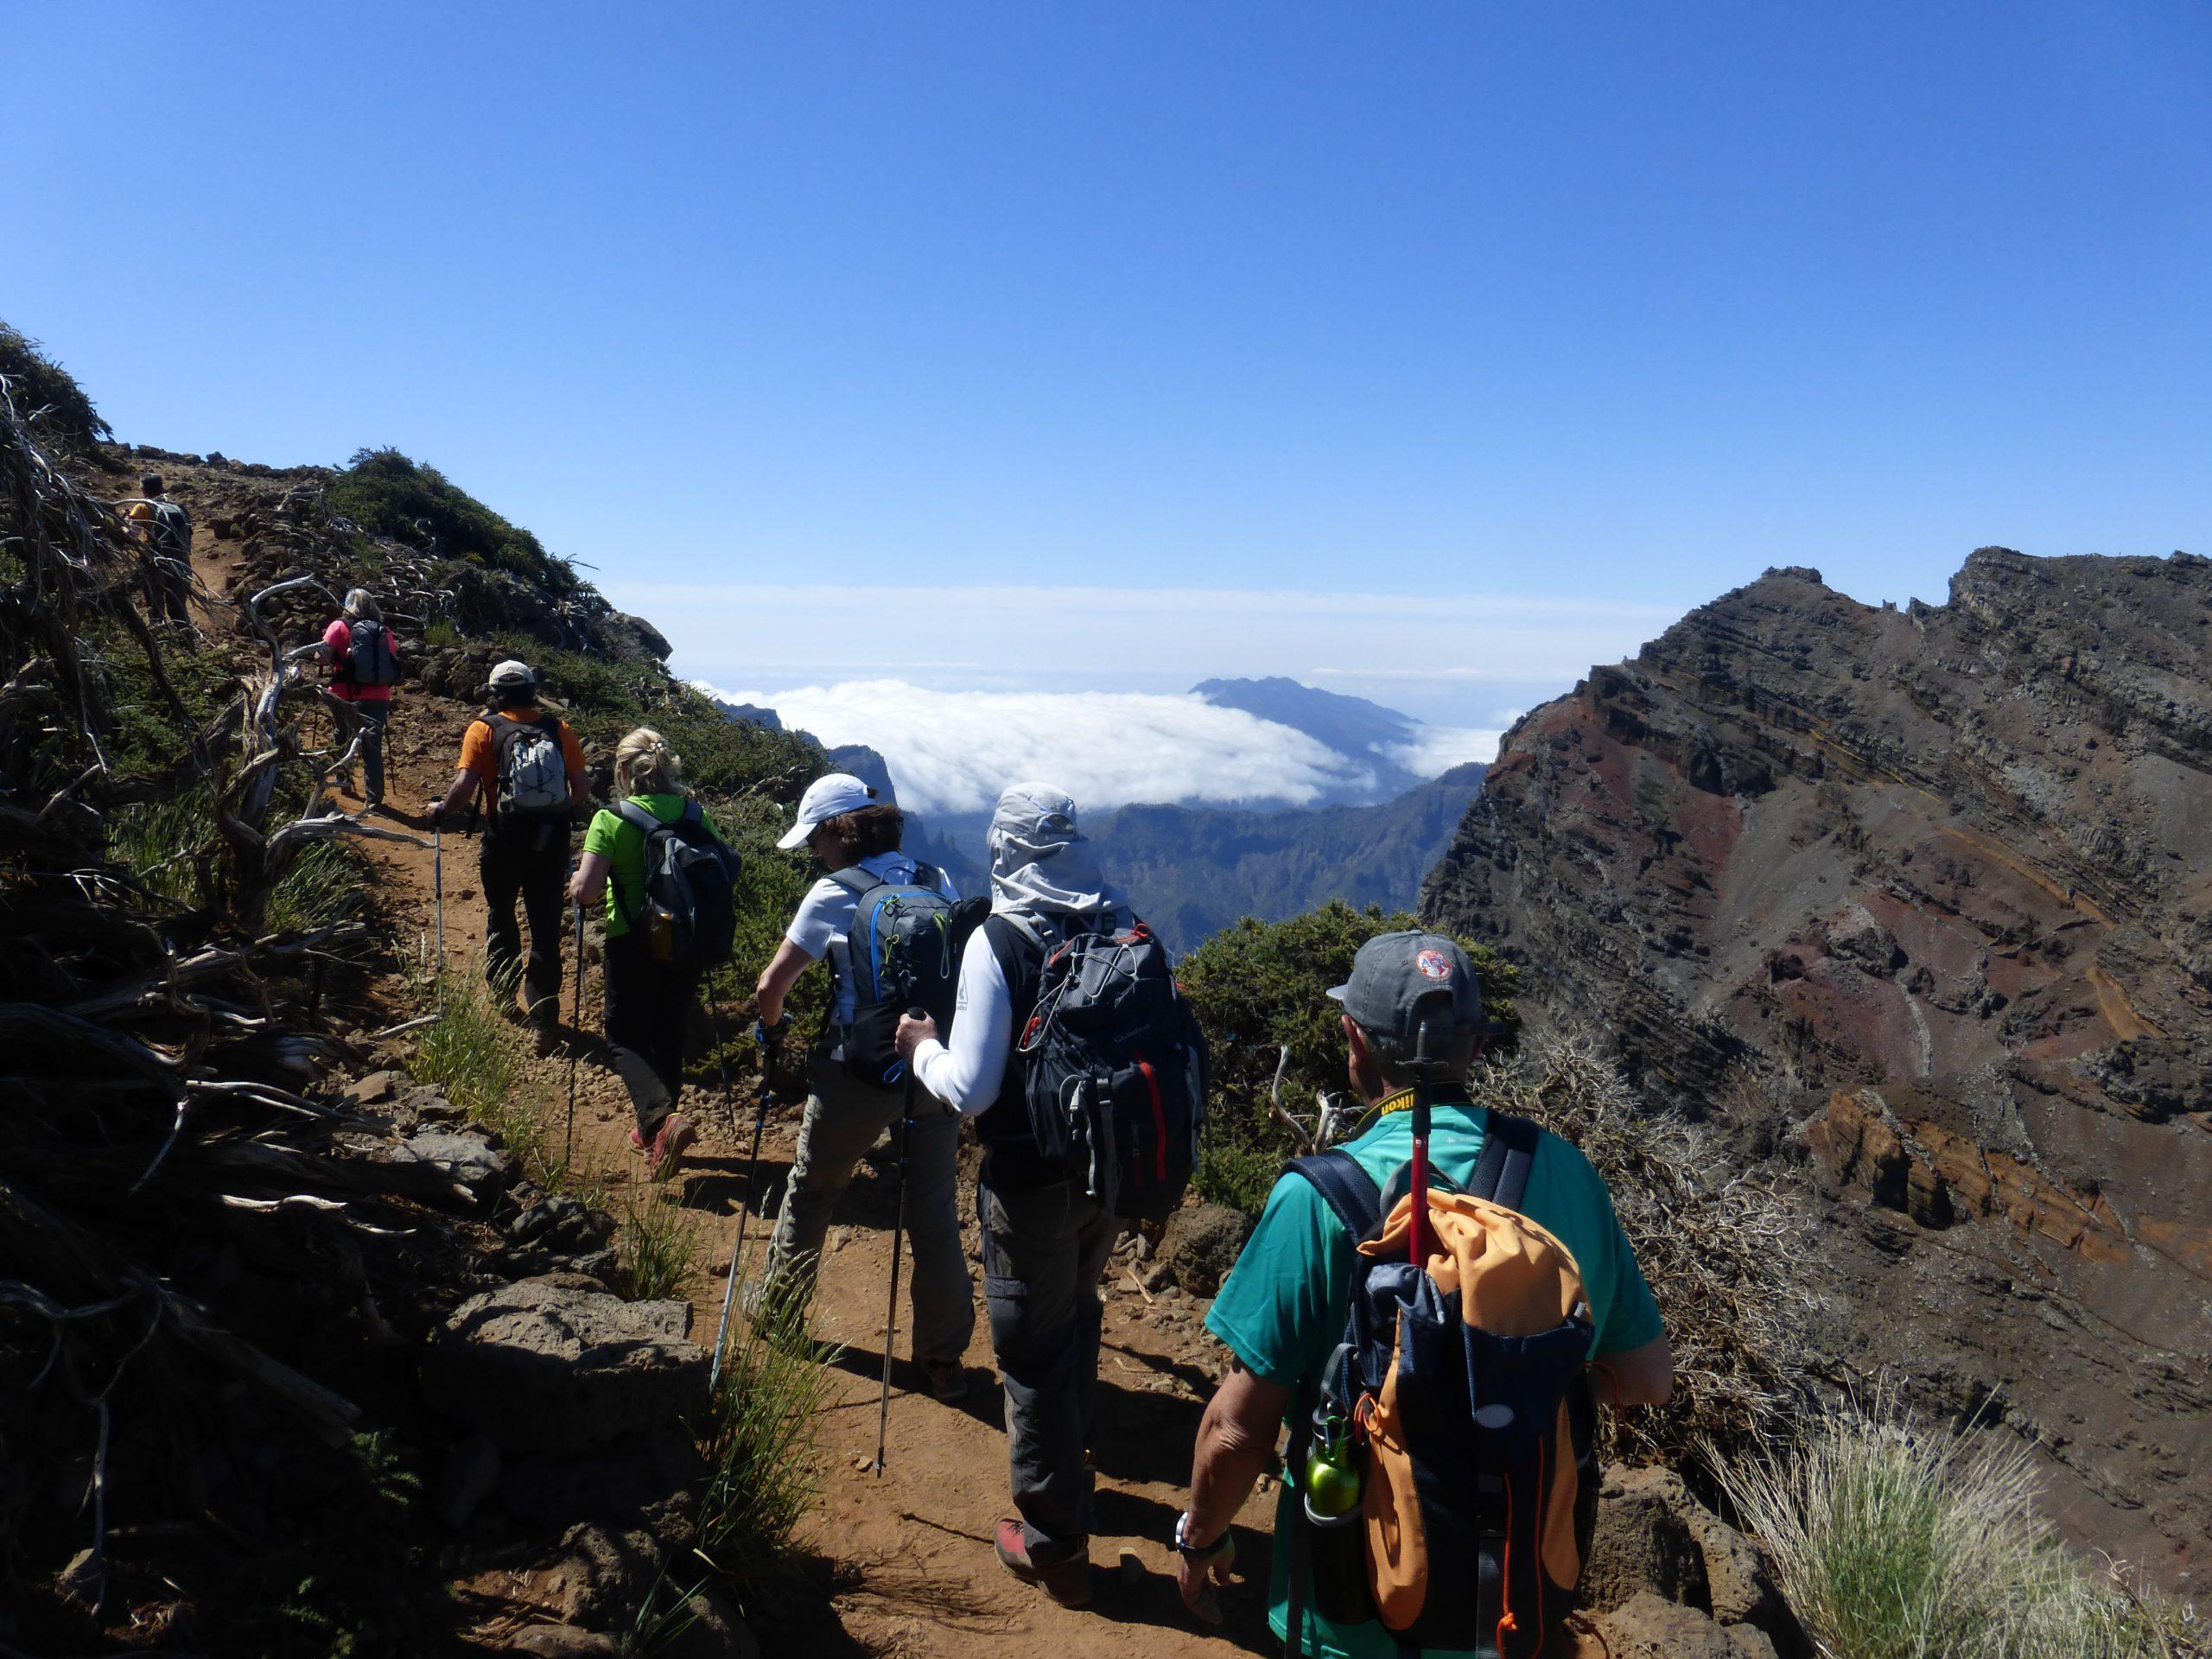 La isla de La Palma: paraíso del senderismo